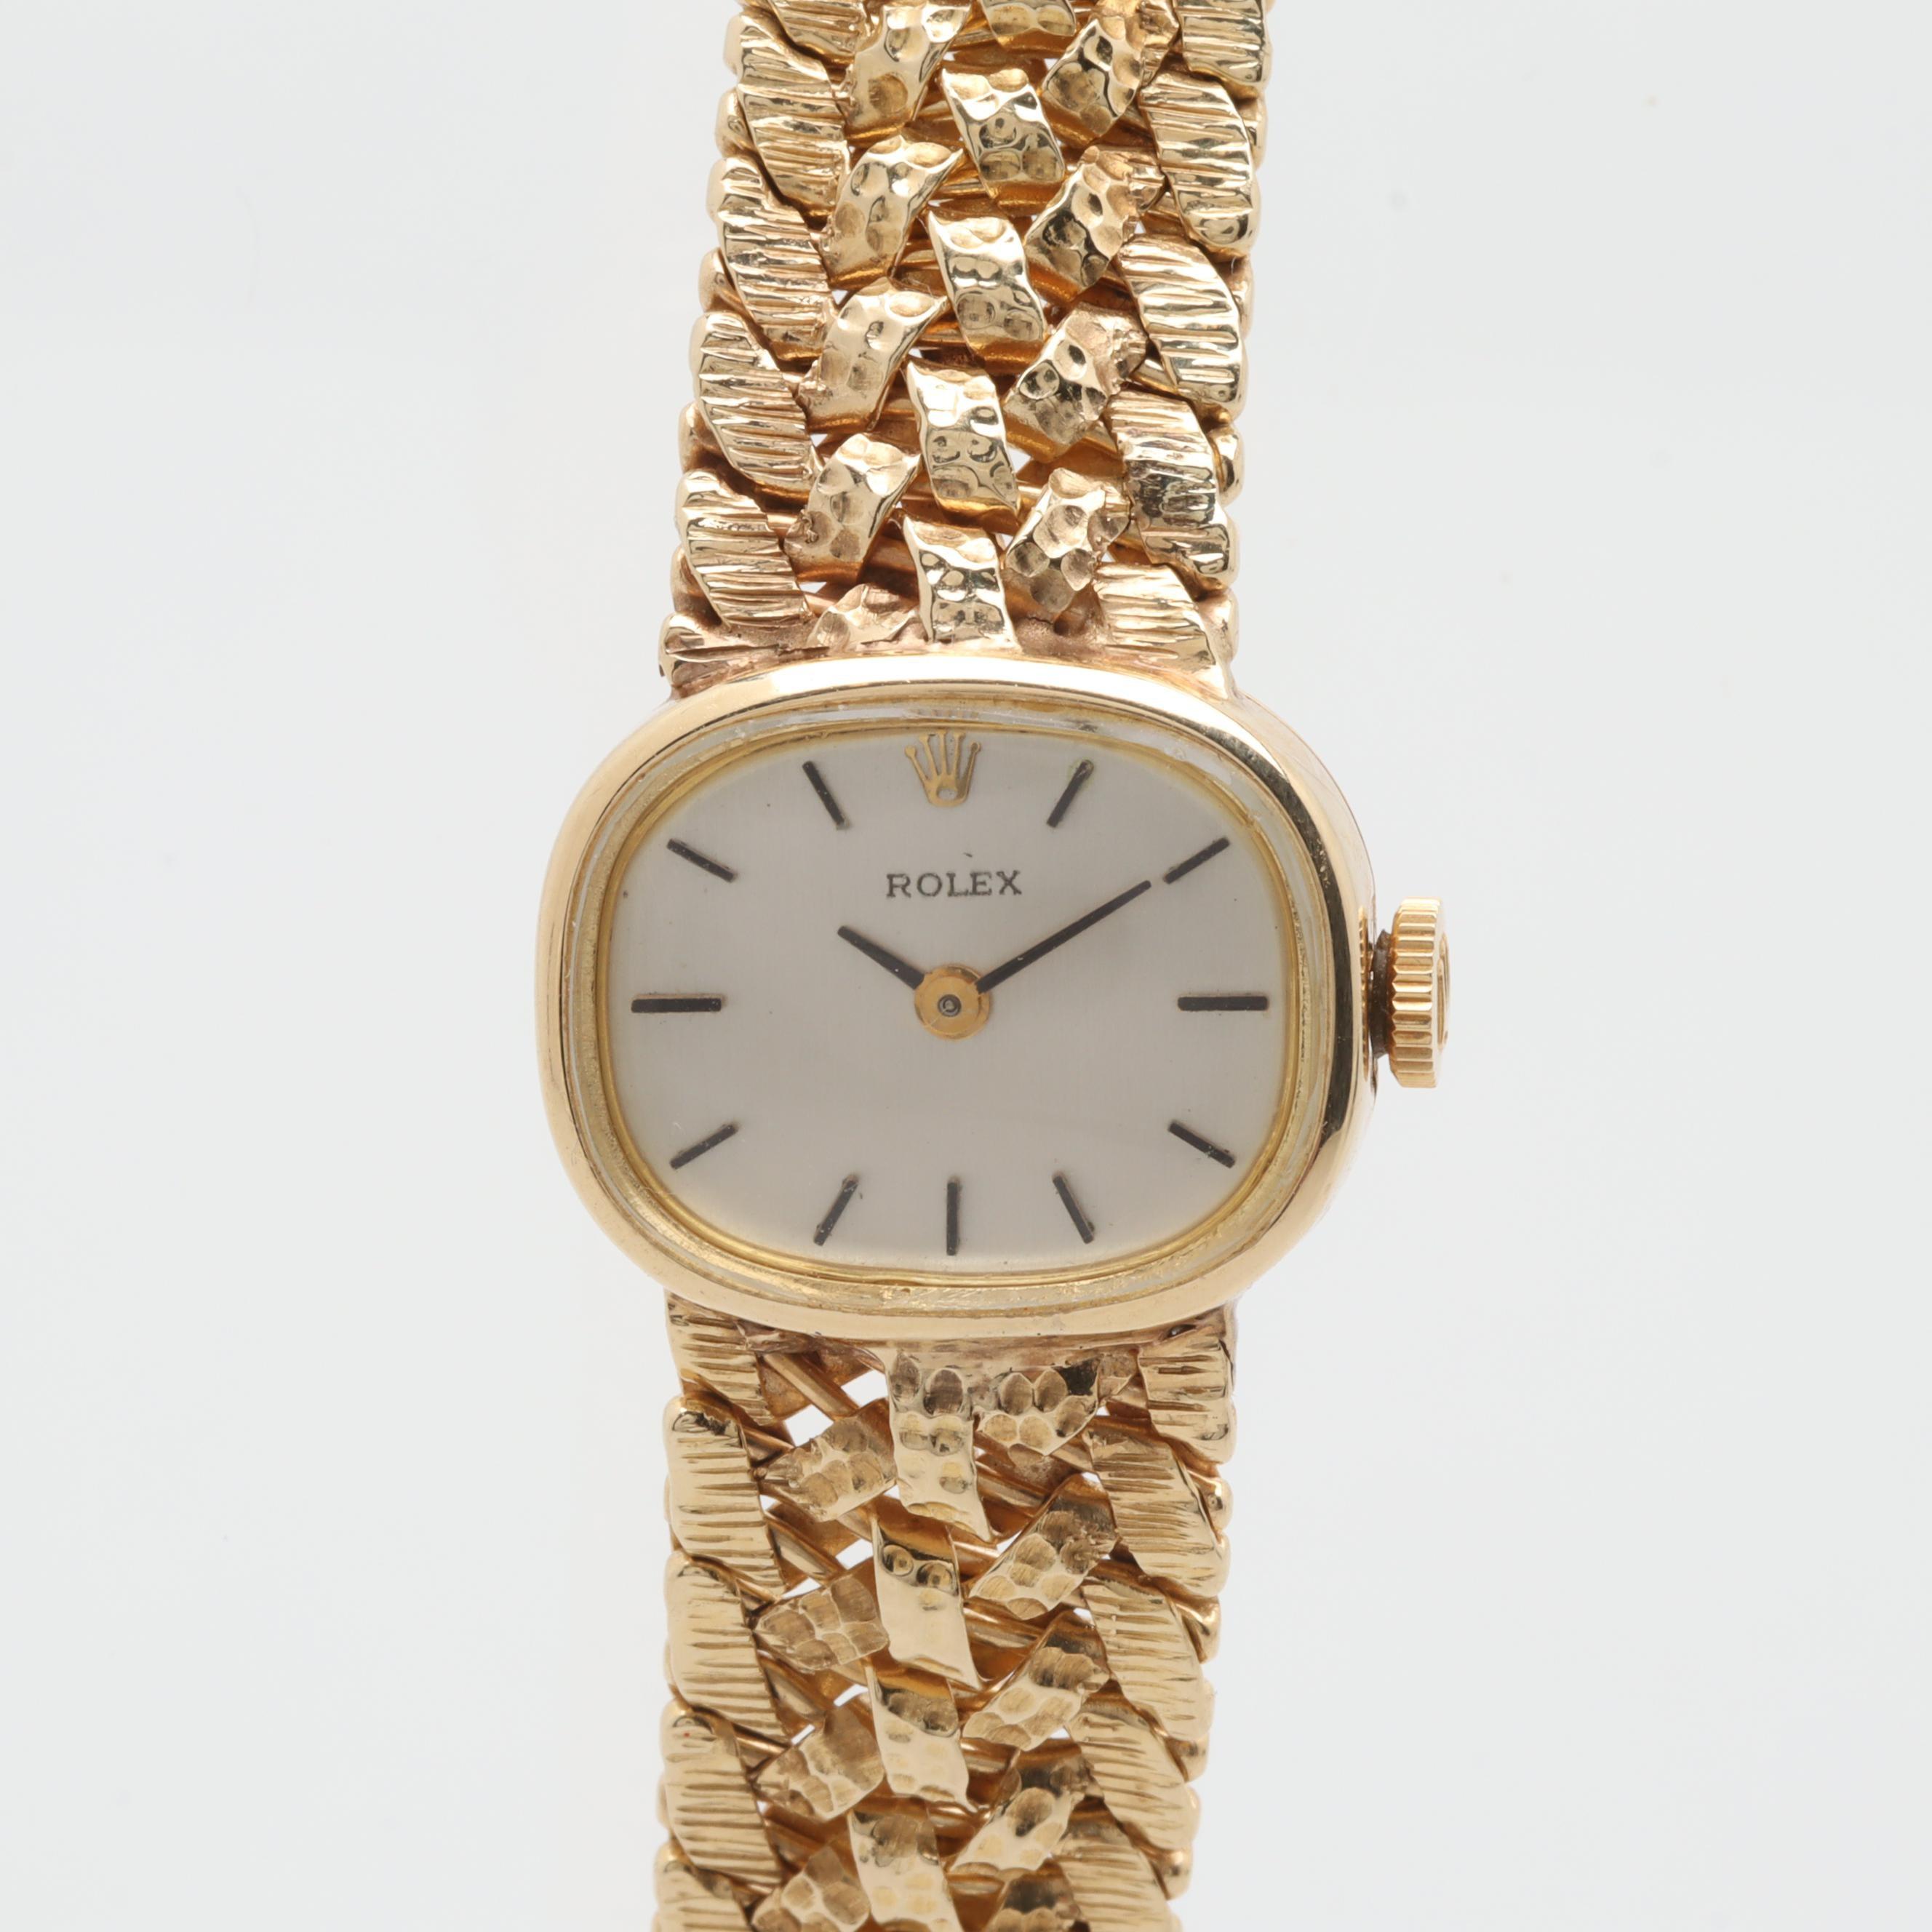 Rolex 14K Yellow Gold Stem Wind Wristwatch